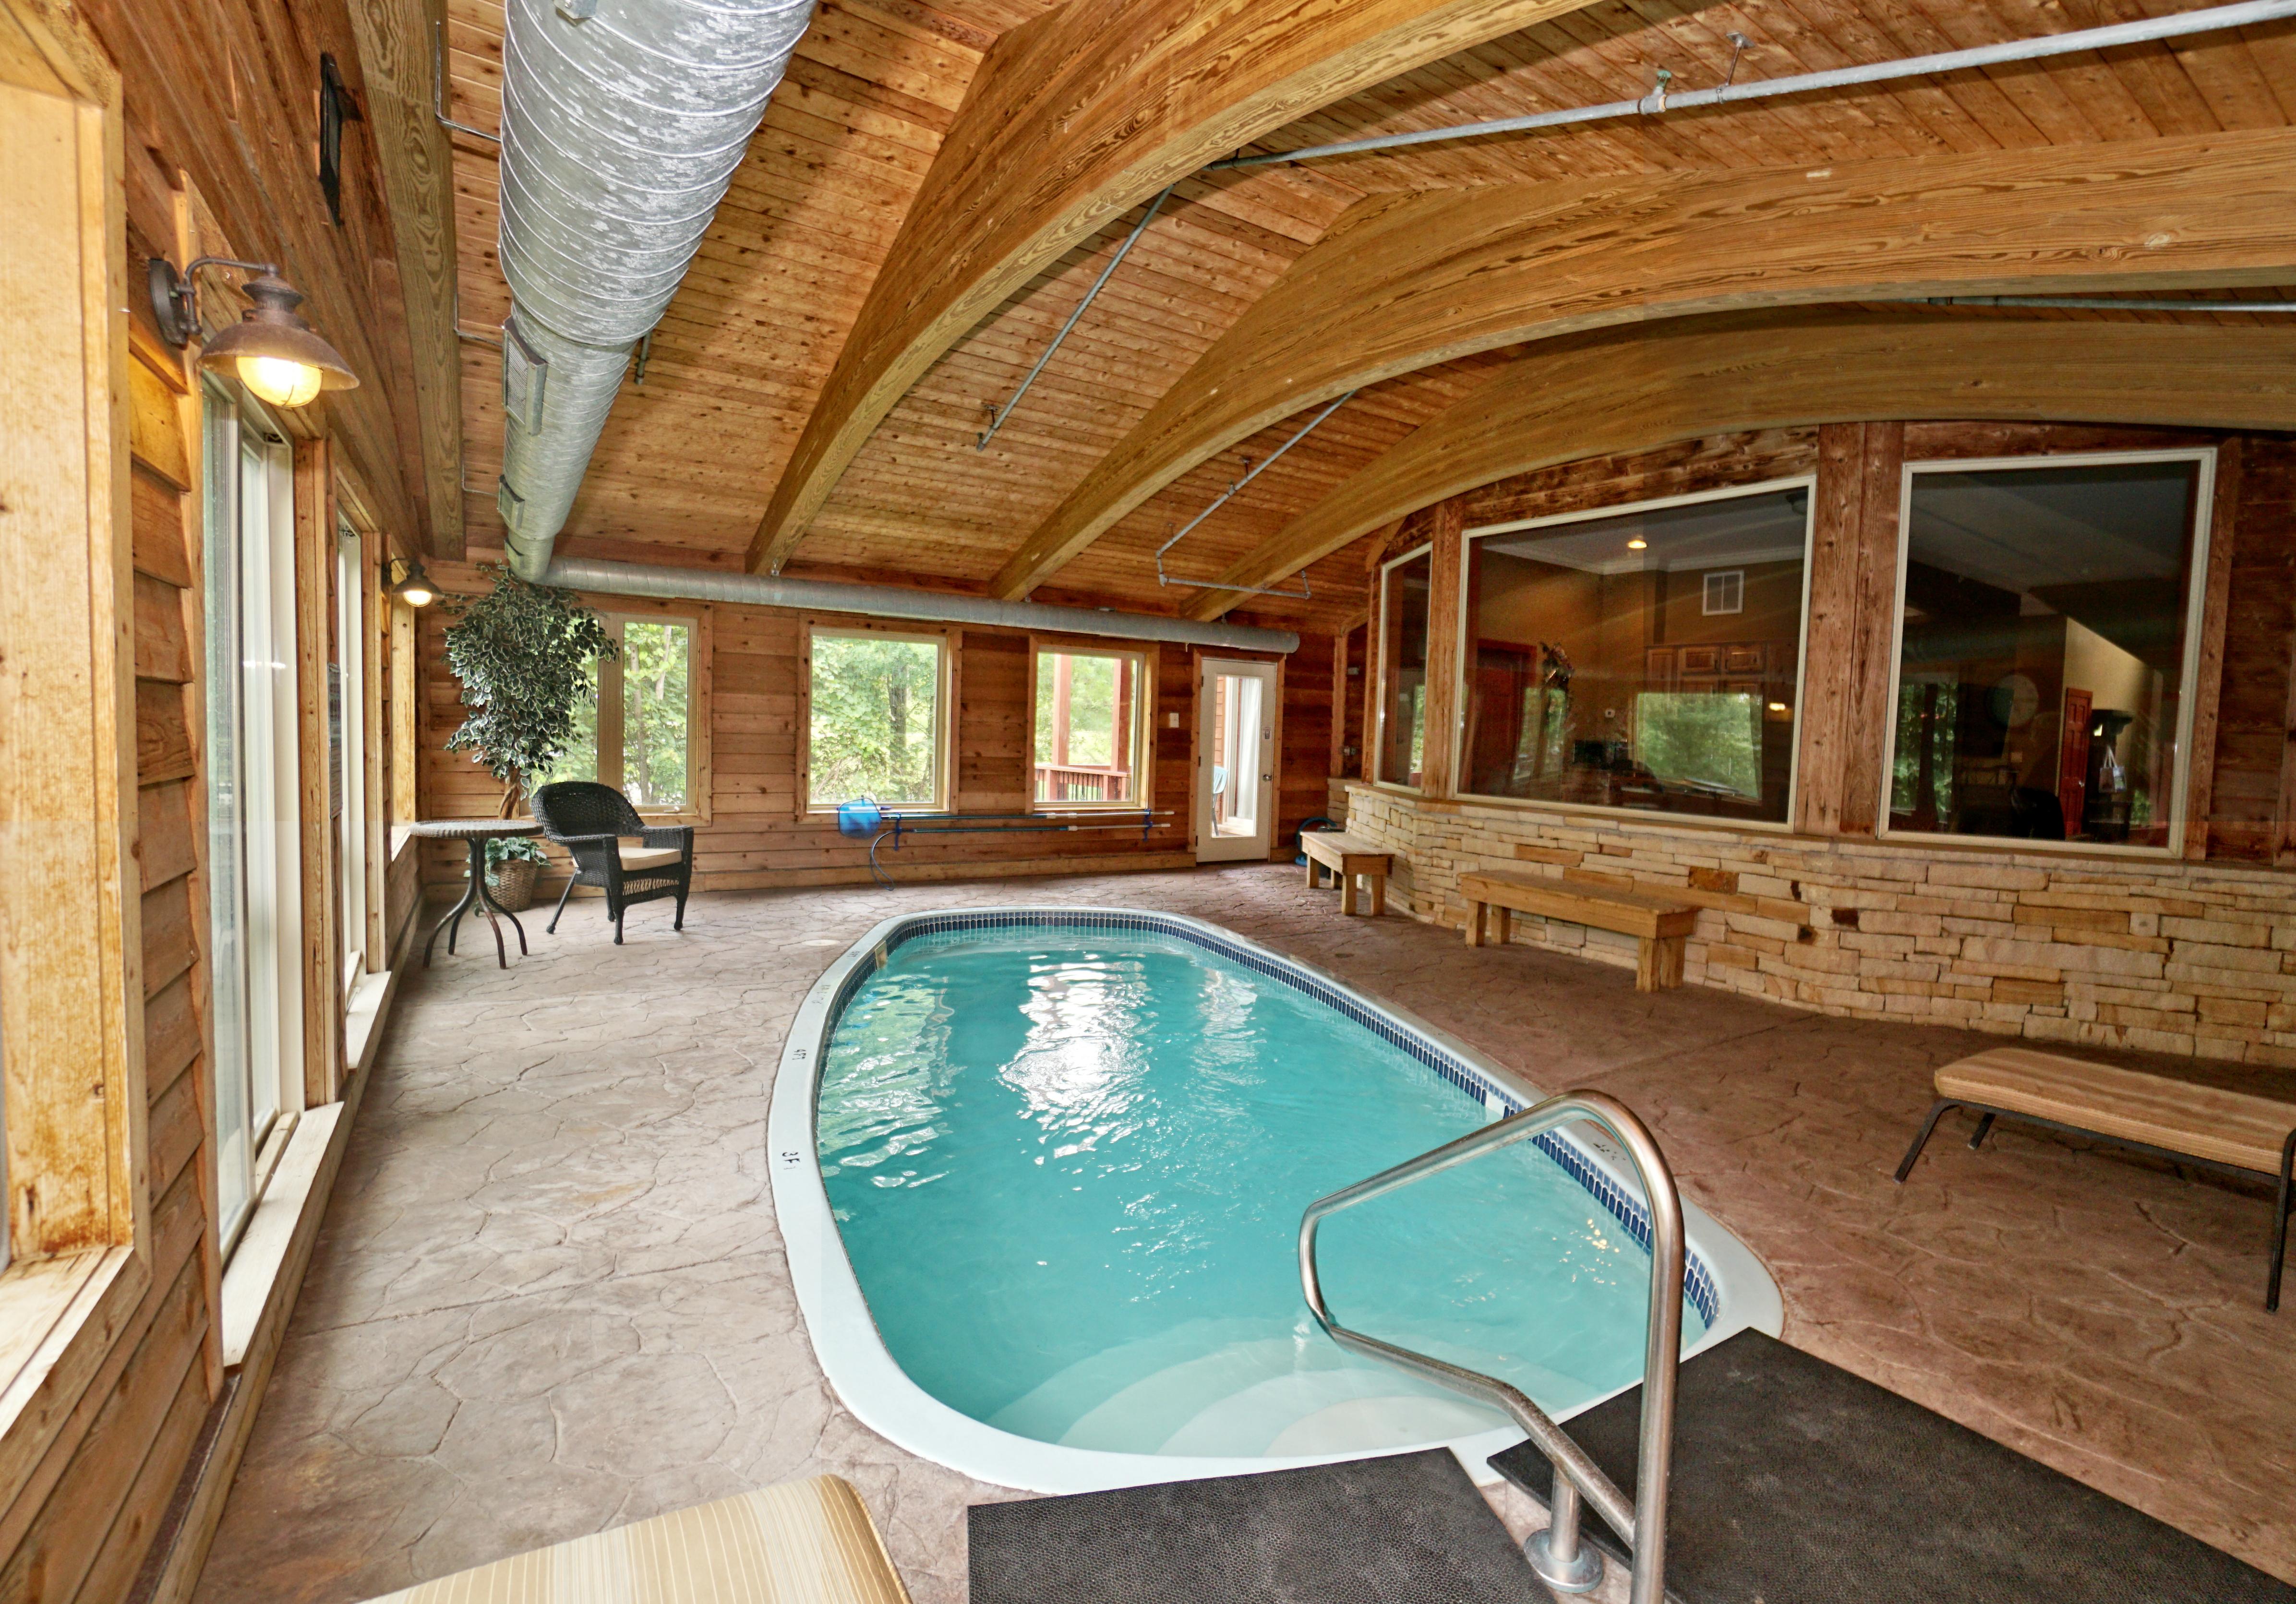 lower level heated pool room